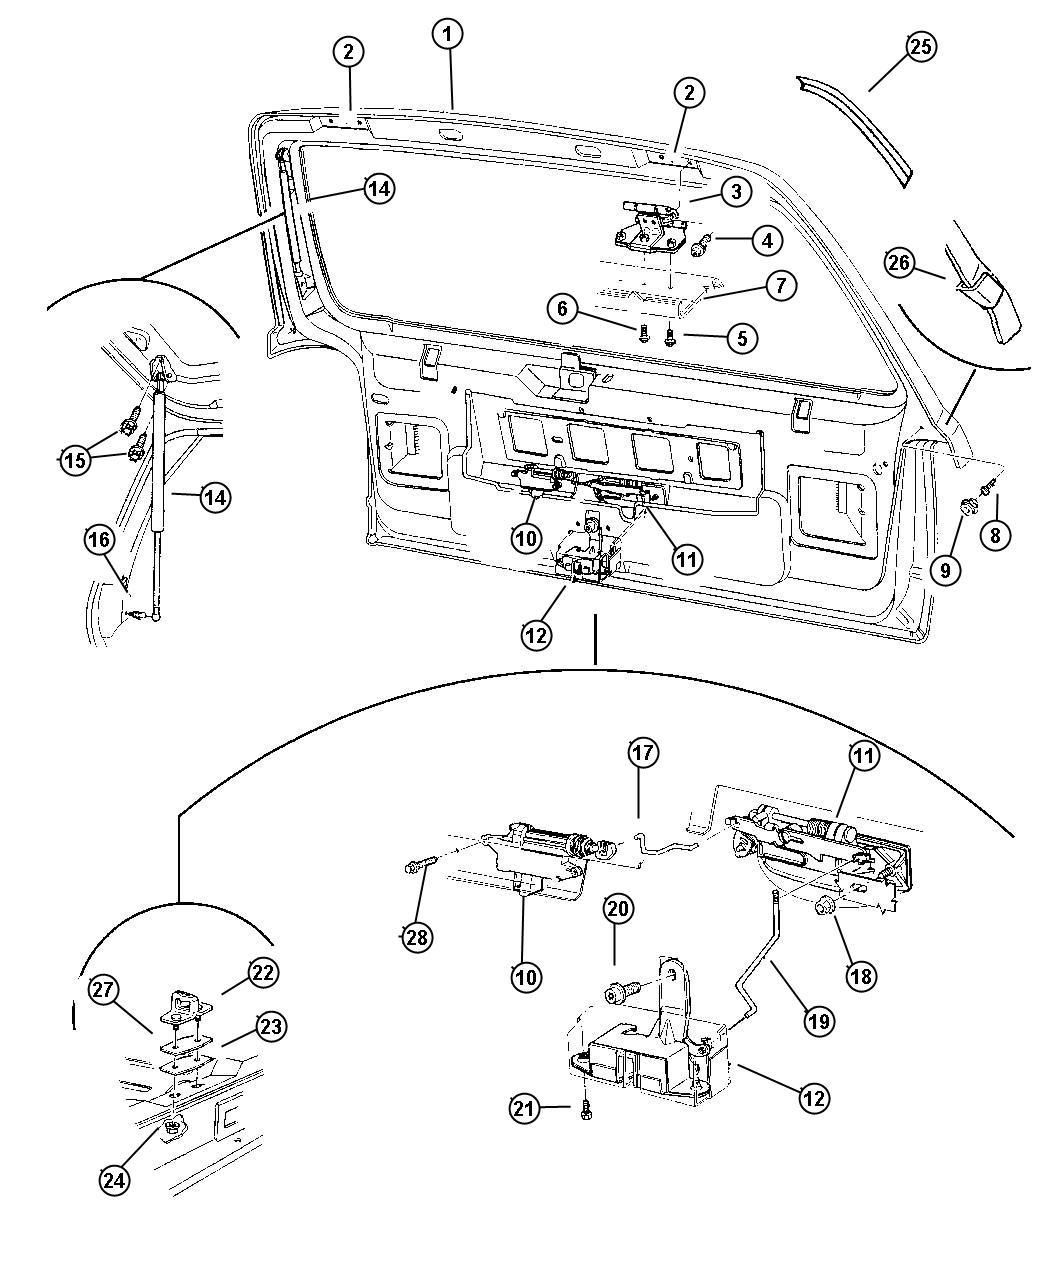 1995 jeep grand cherokee door hinge diagram